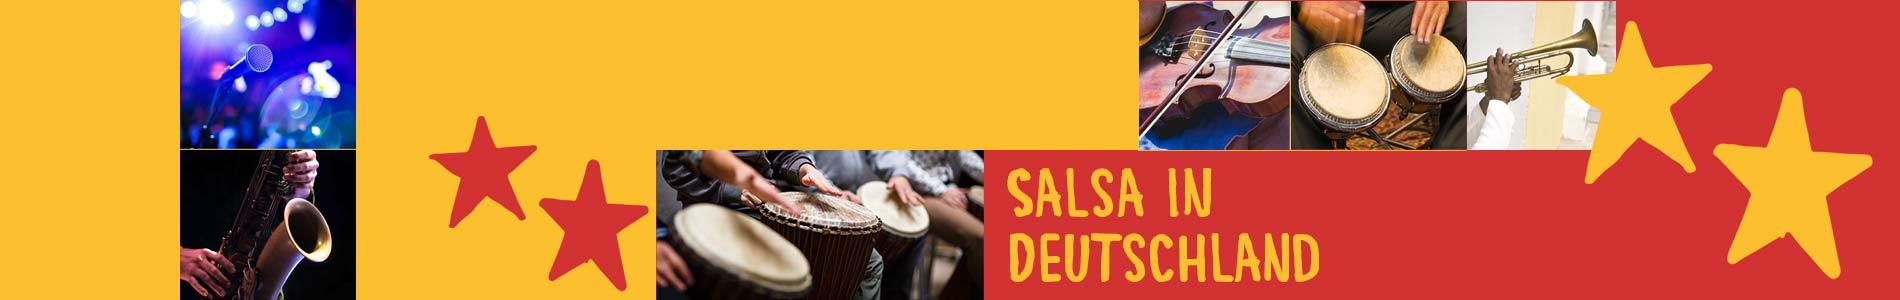 Salsa in Brensbach – Salsa lernen und tanzen, Tanzkurse, Partys, Veranstaltungen